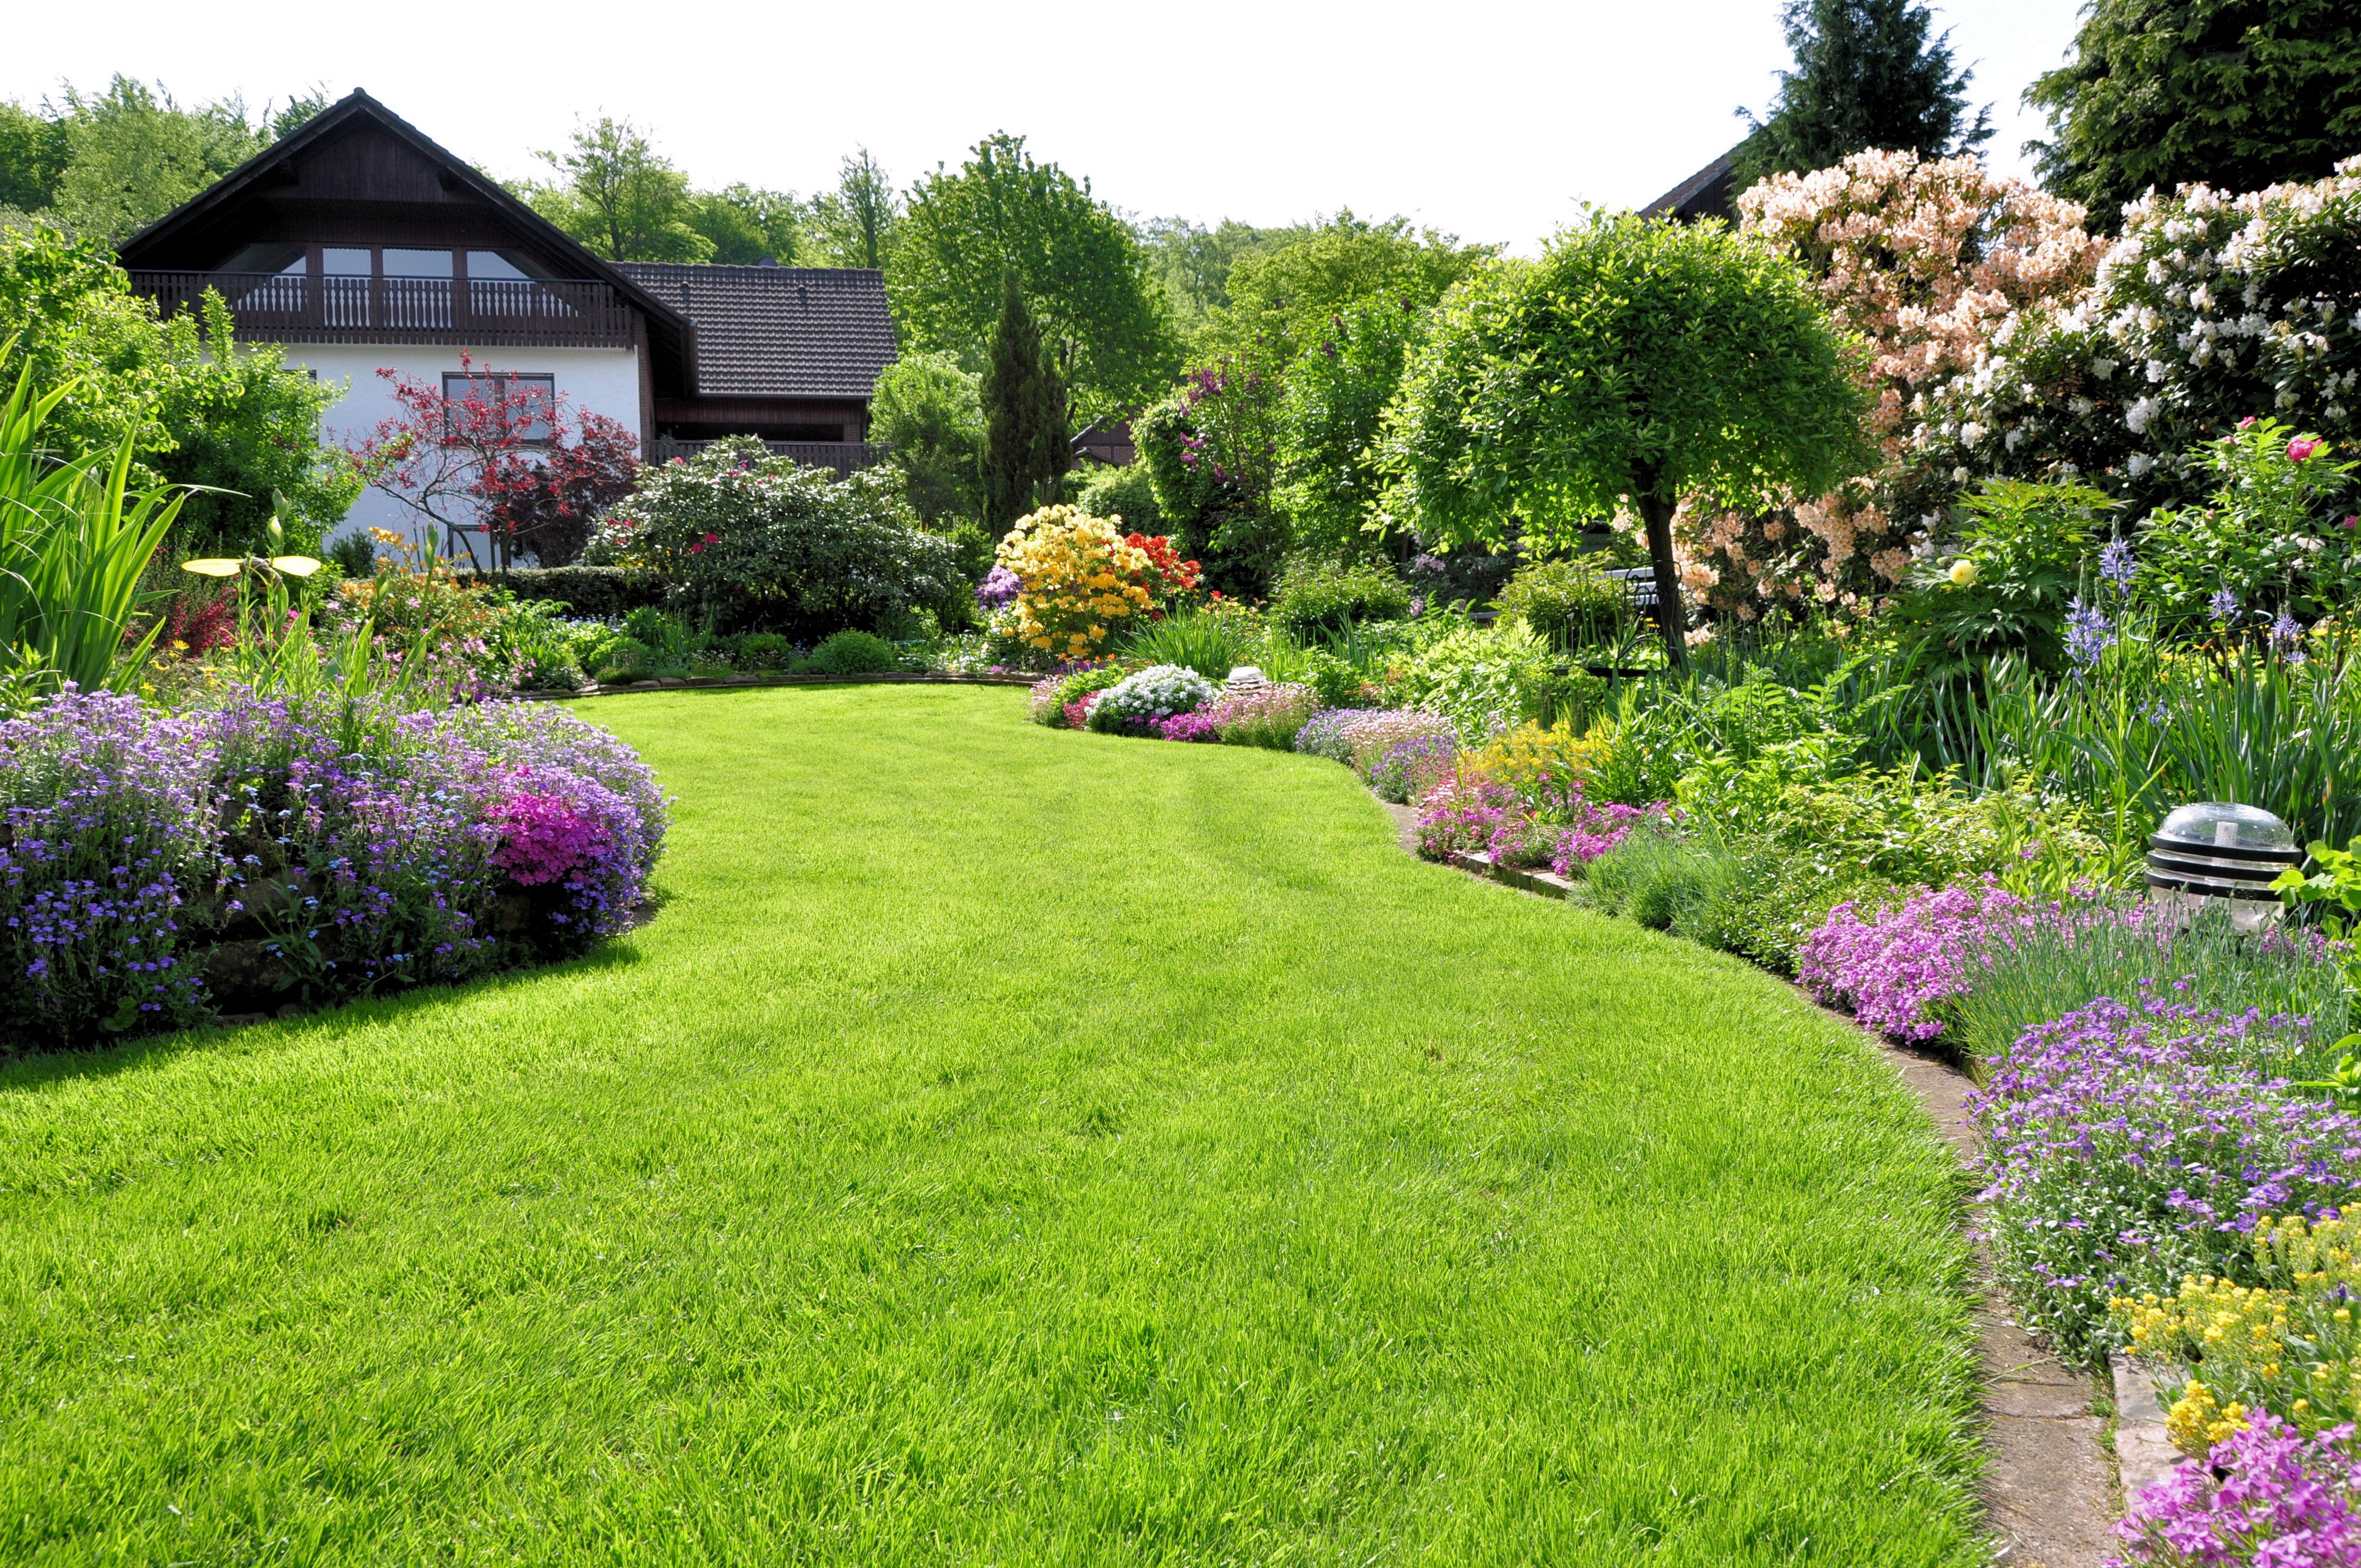 Un jardin oui mais s 39 il est utile et ludique journal for Jardin synonyme